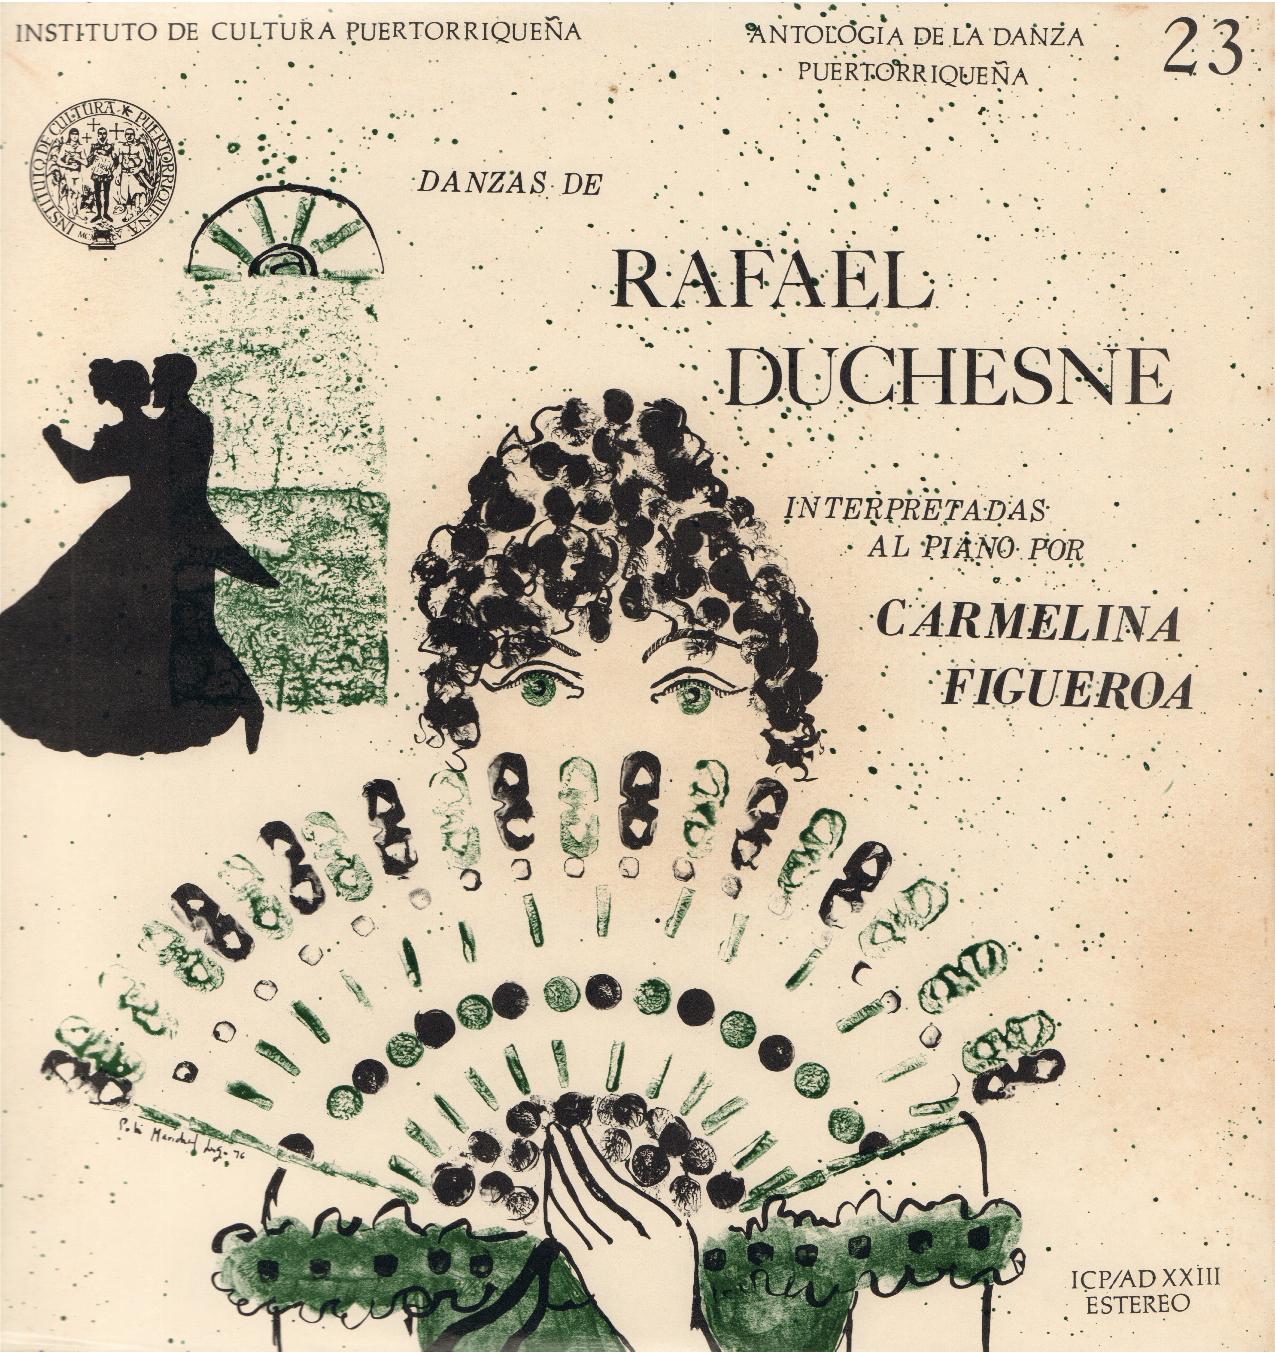 Danzas de Rafael Duchesne